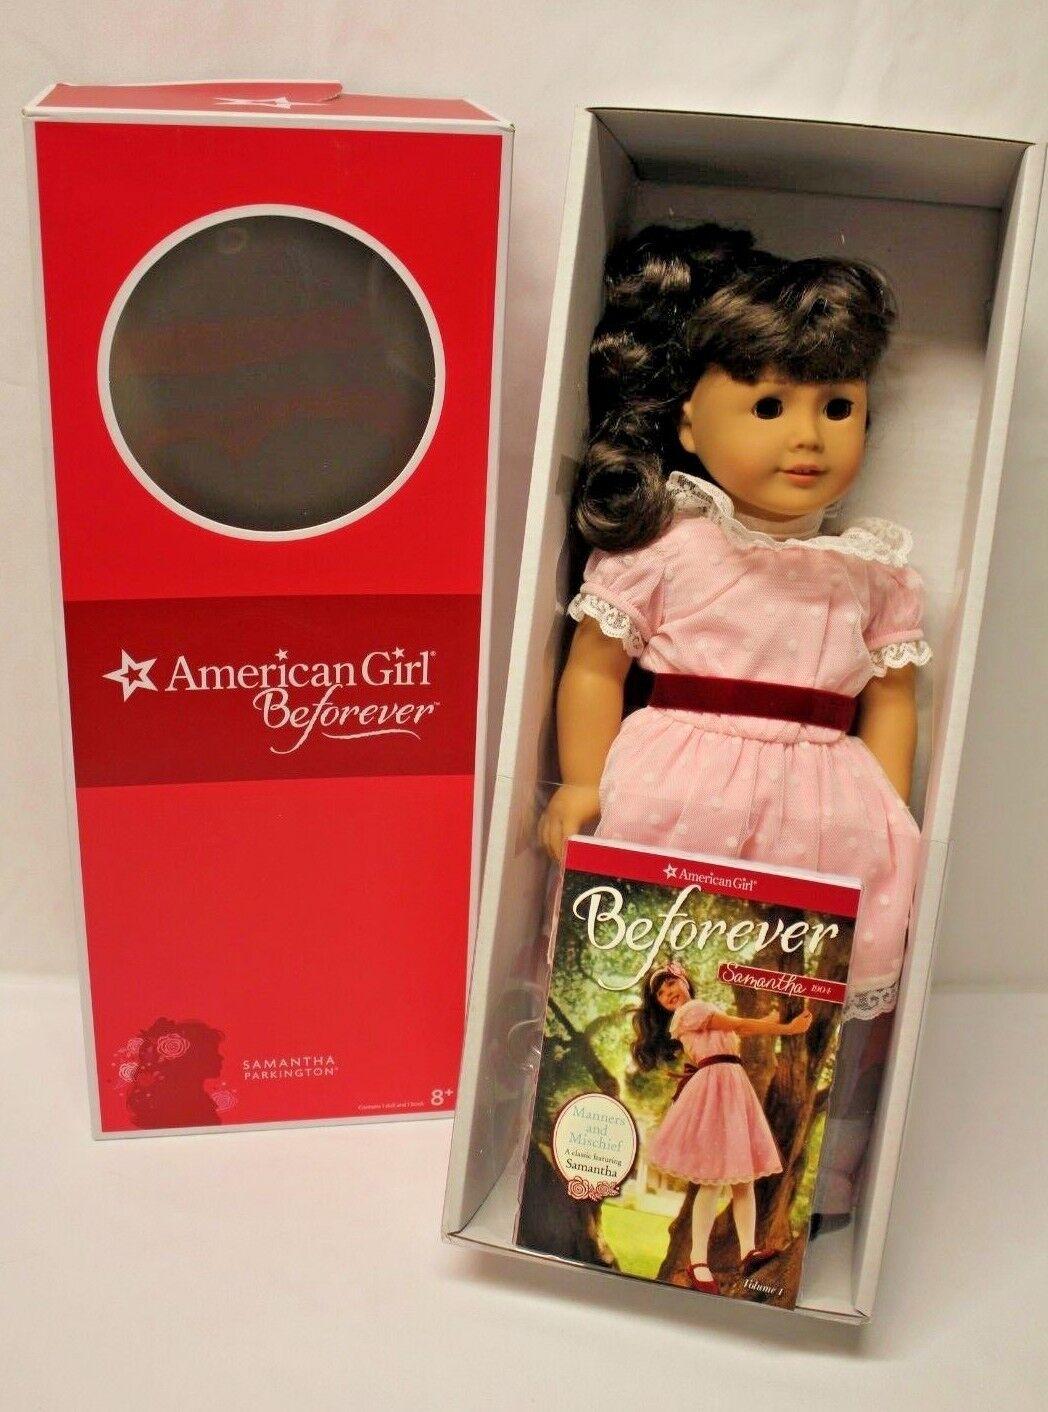 American Girl beforever Samantha 18  Muñeca & Libro (a estrenar en caja)